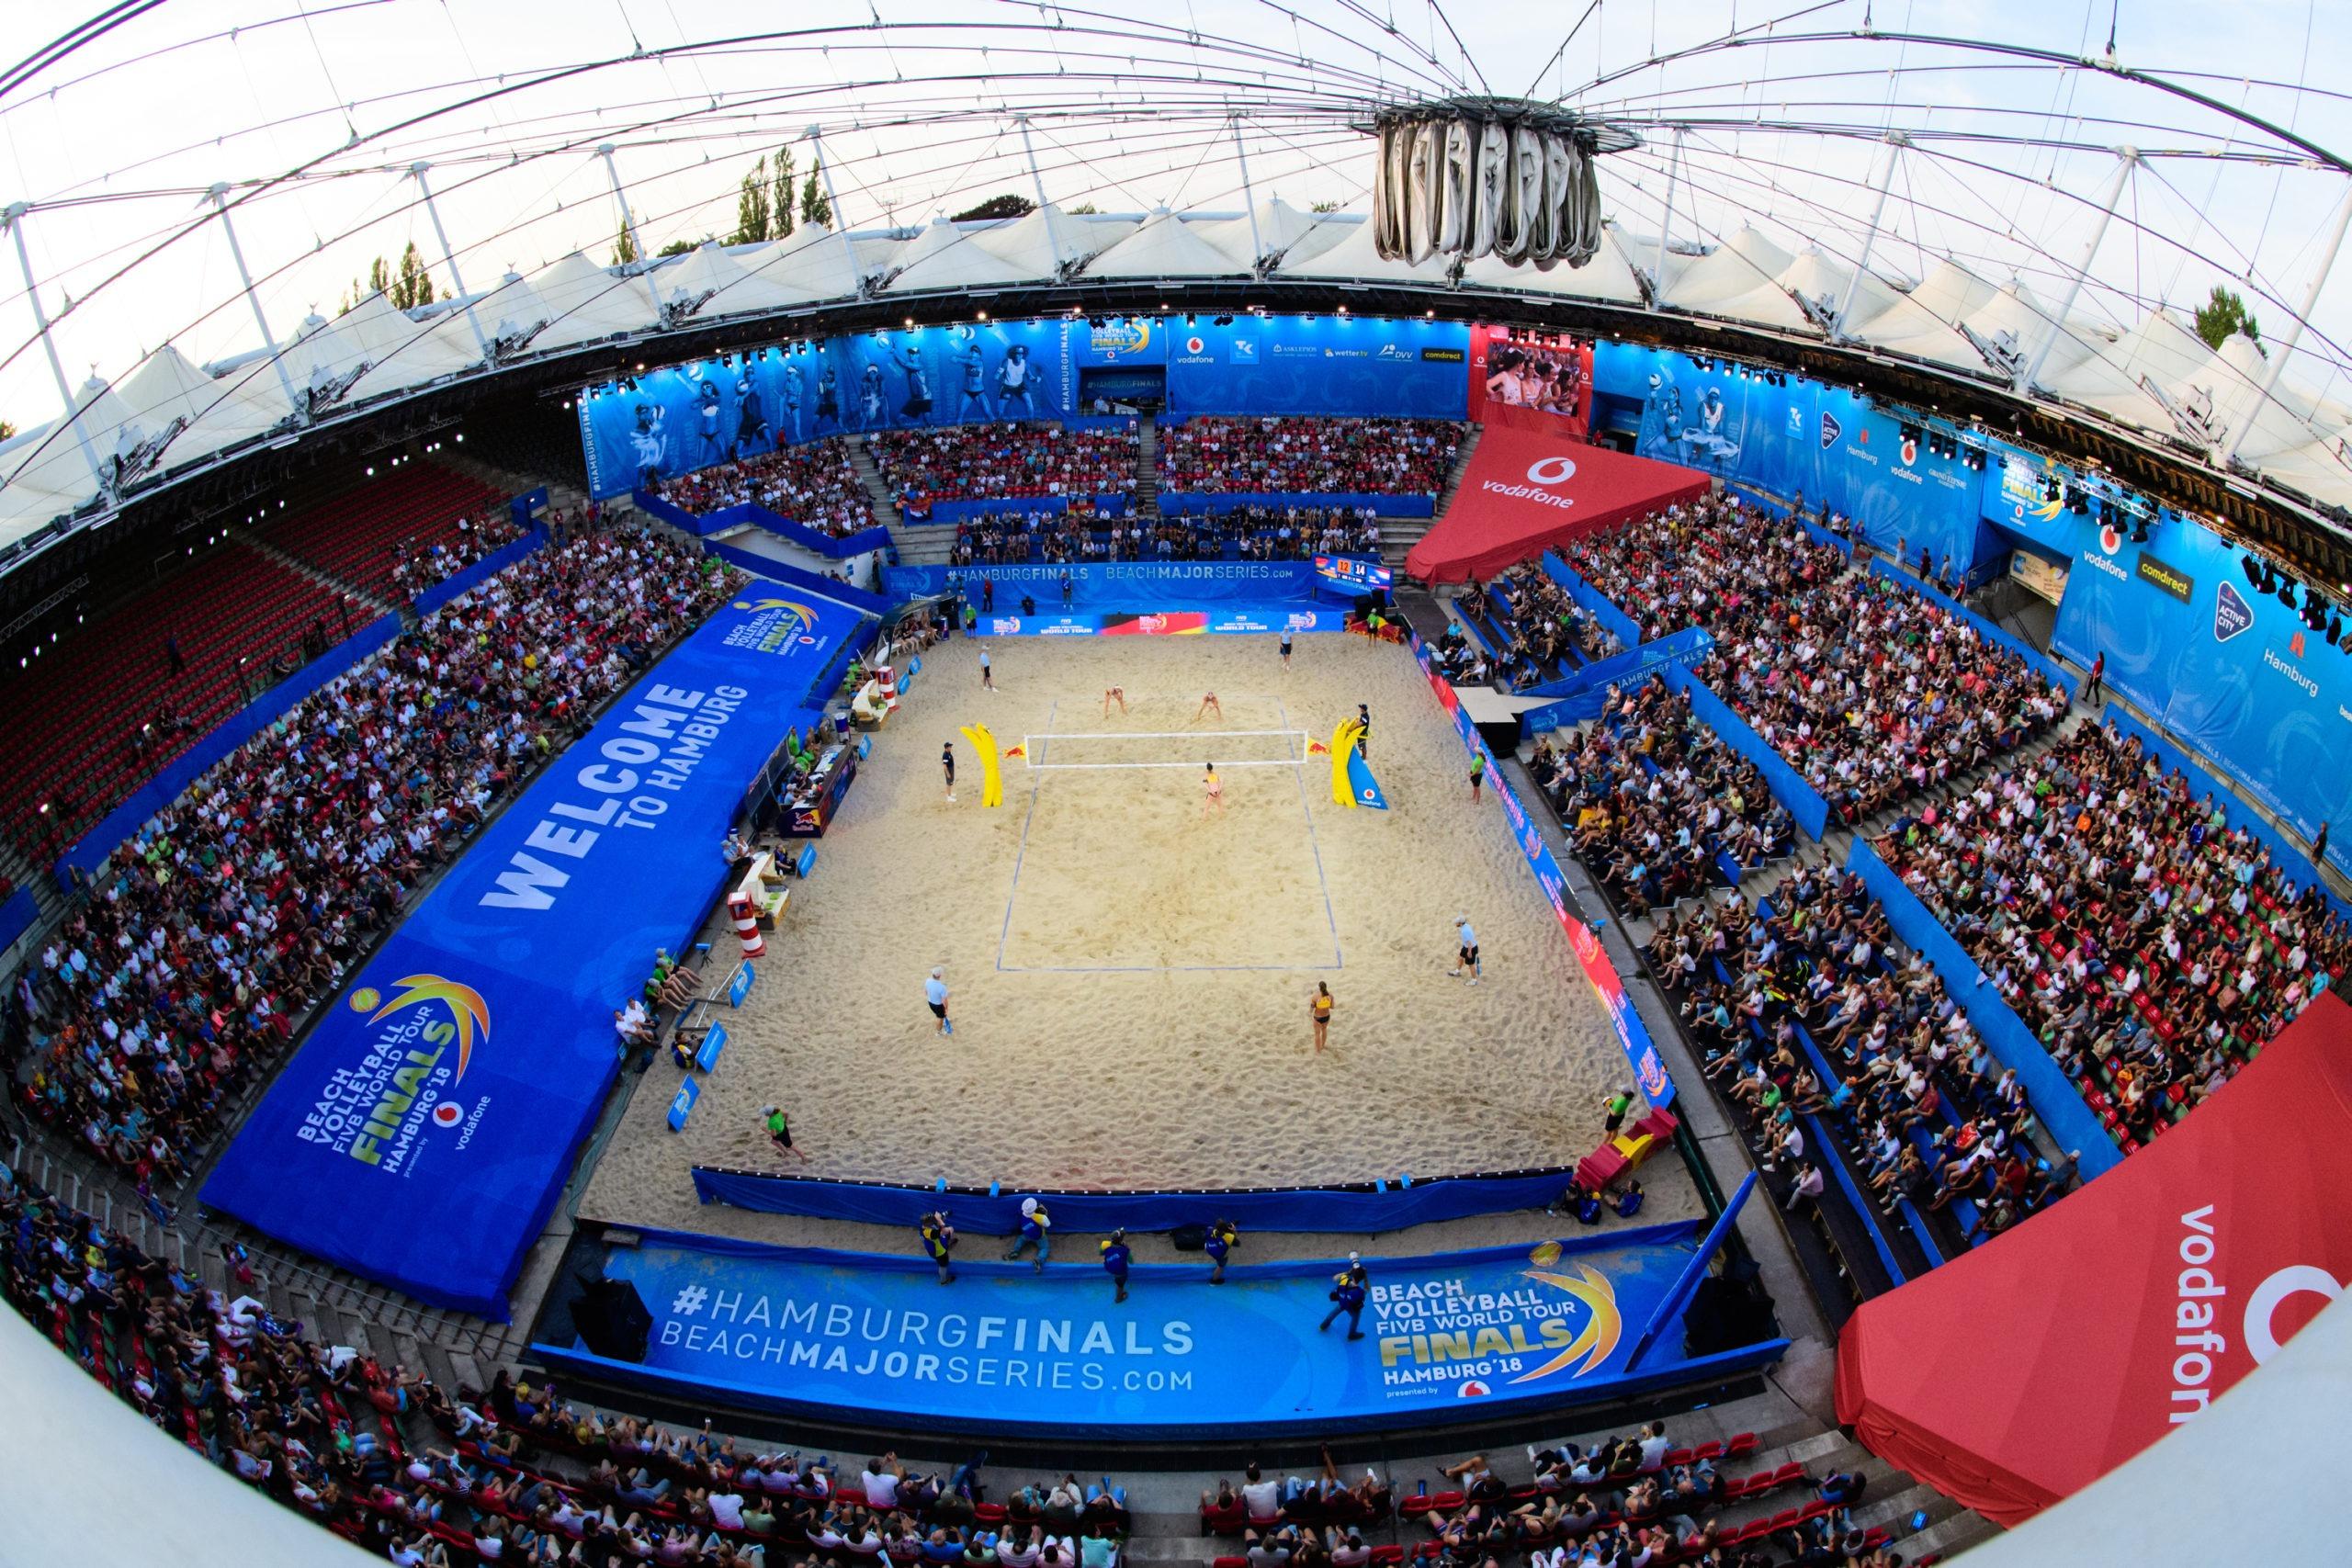 Mundial de vôlei de praia começa nesta sexta-feira